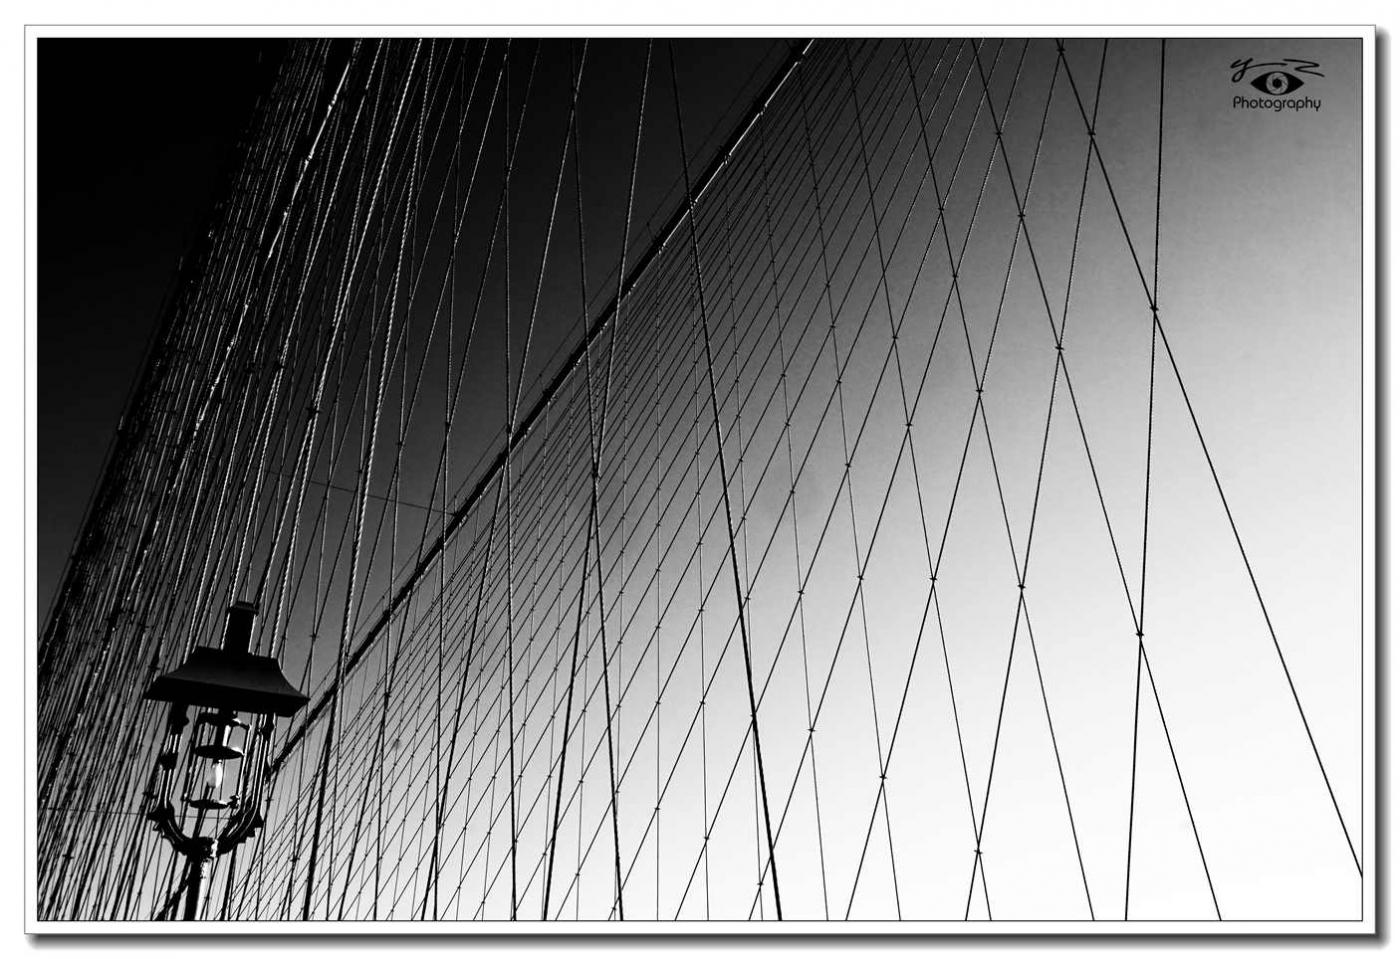 【相机人生】步徒布鲁克林大桥(490)_图1-6